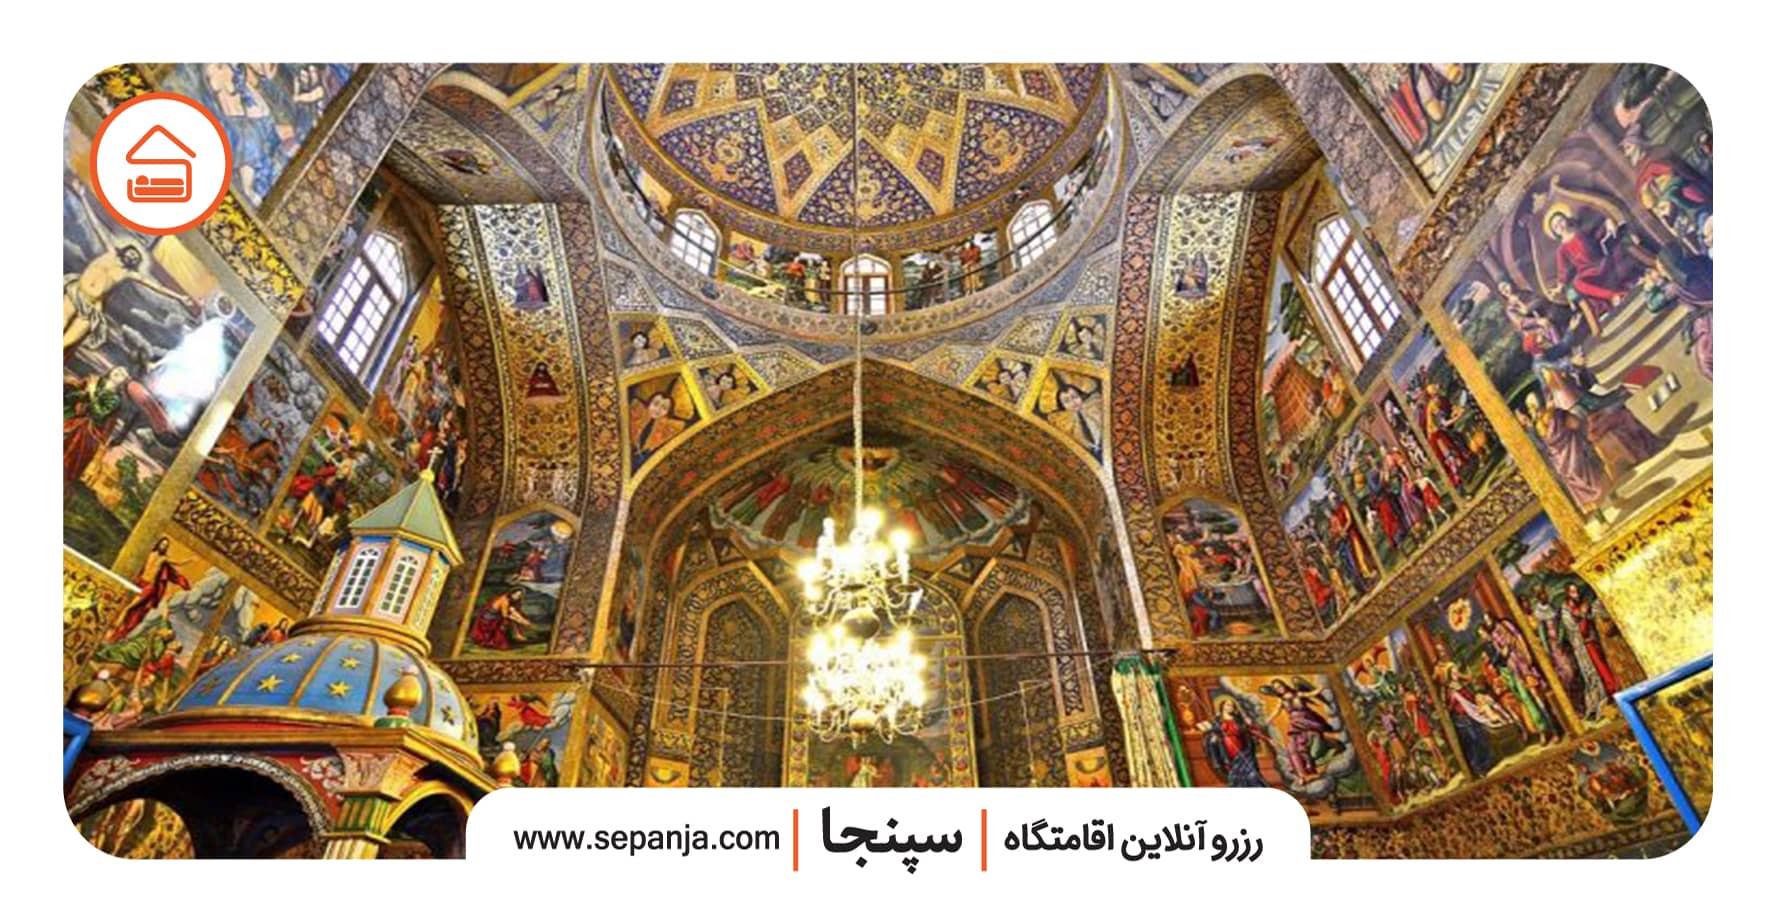 بازدید از کلیسای وانک اصفهان